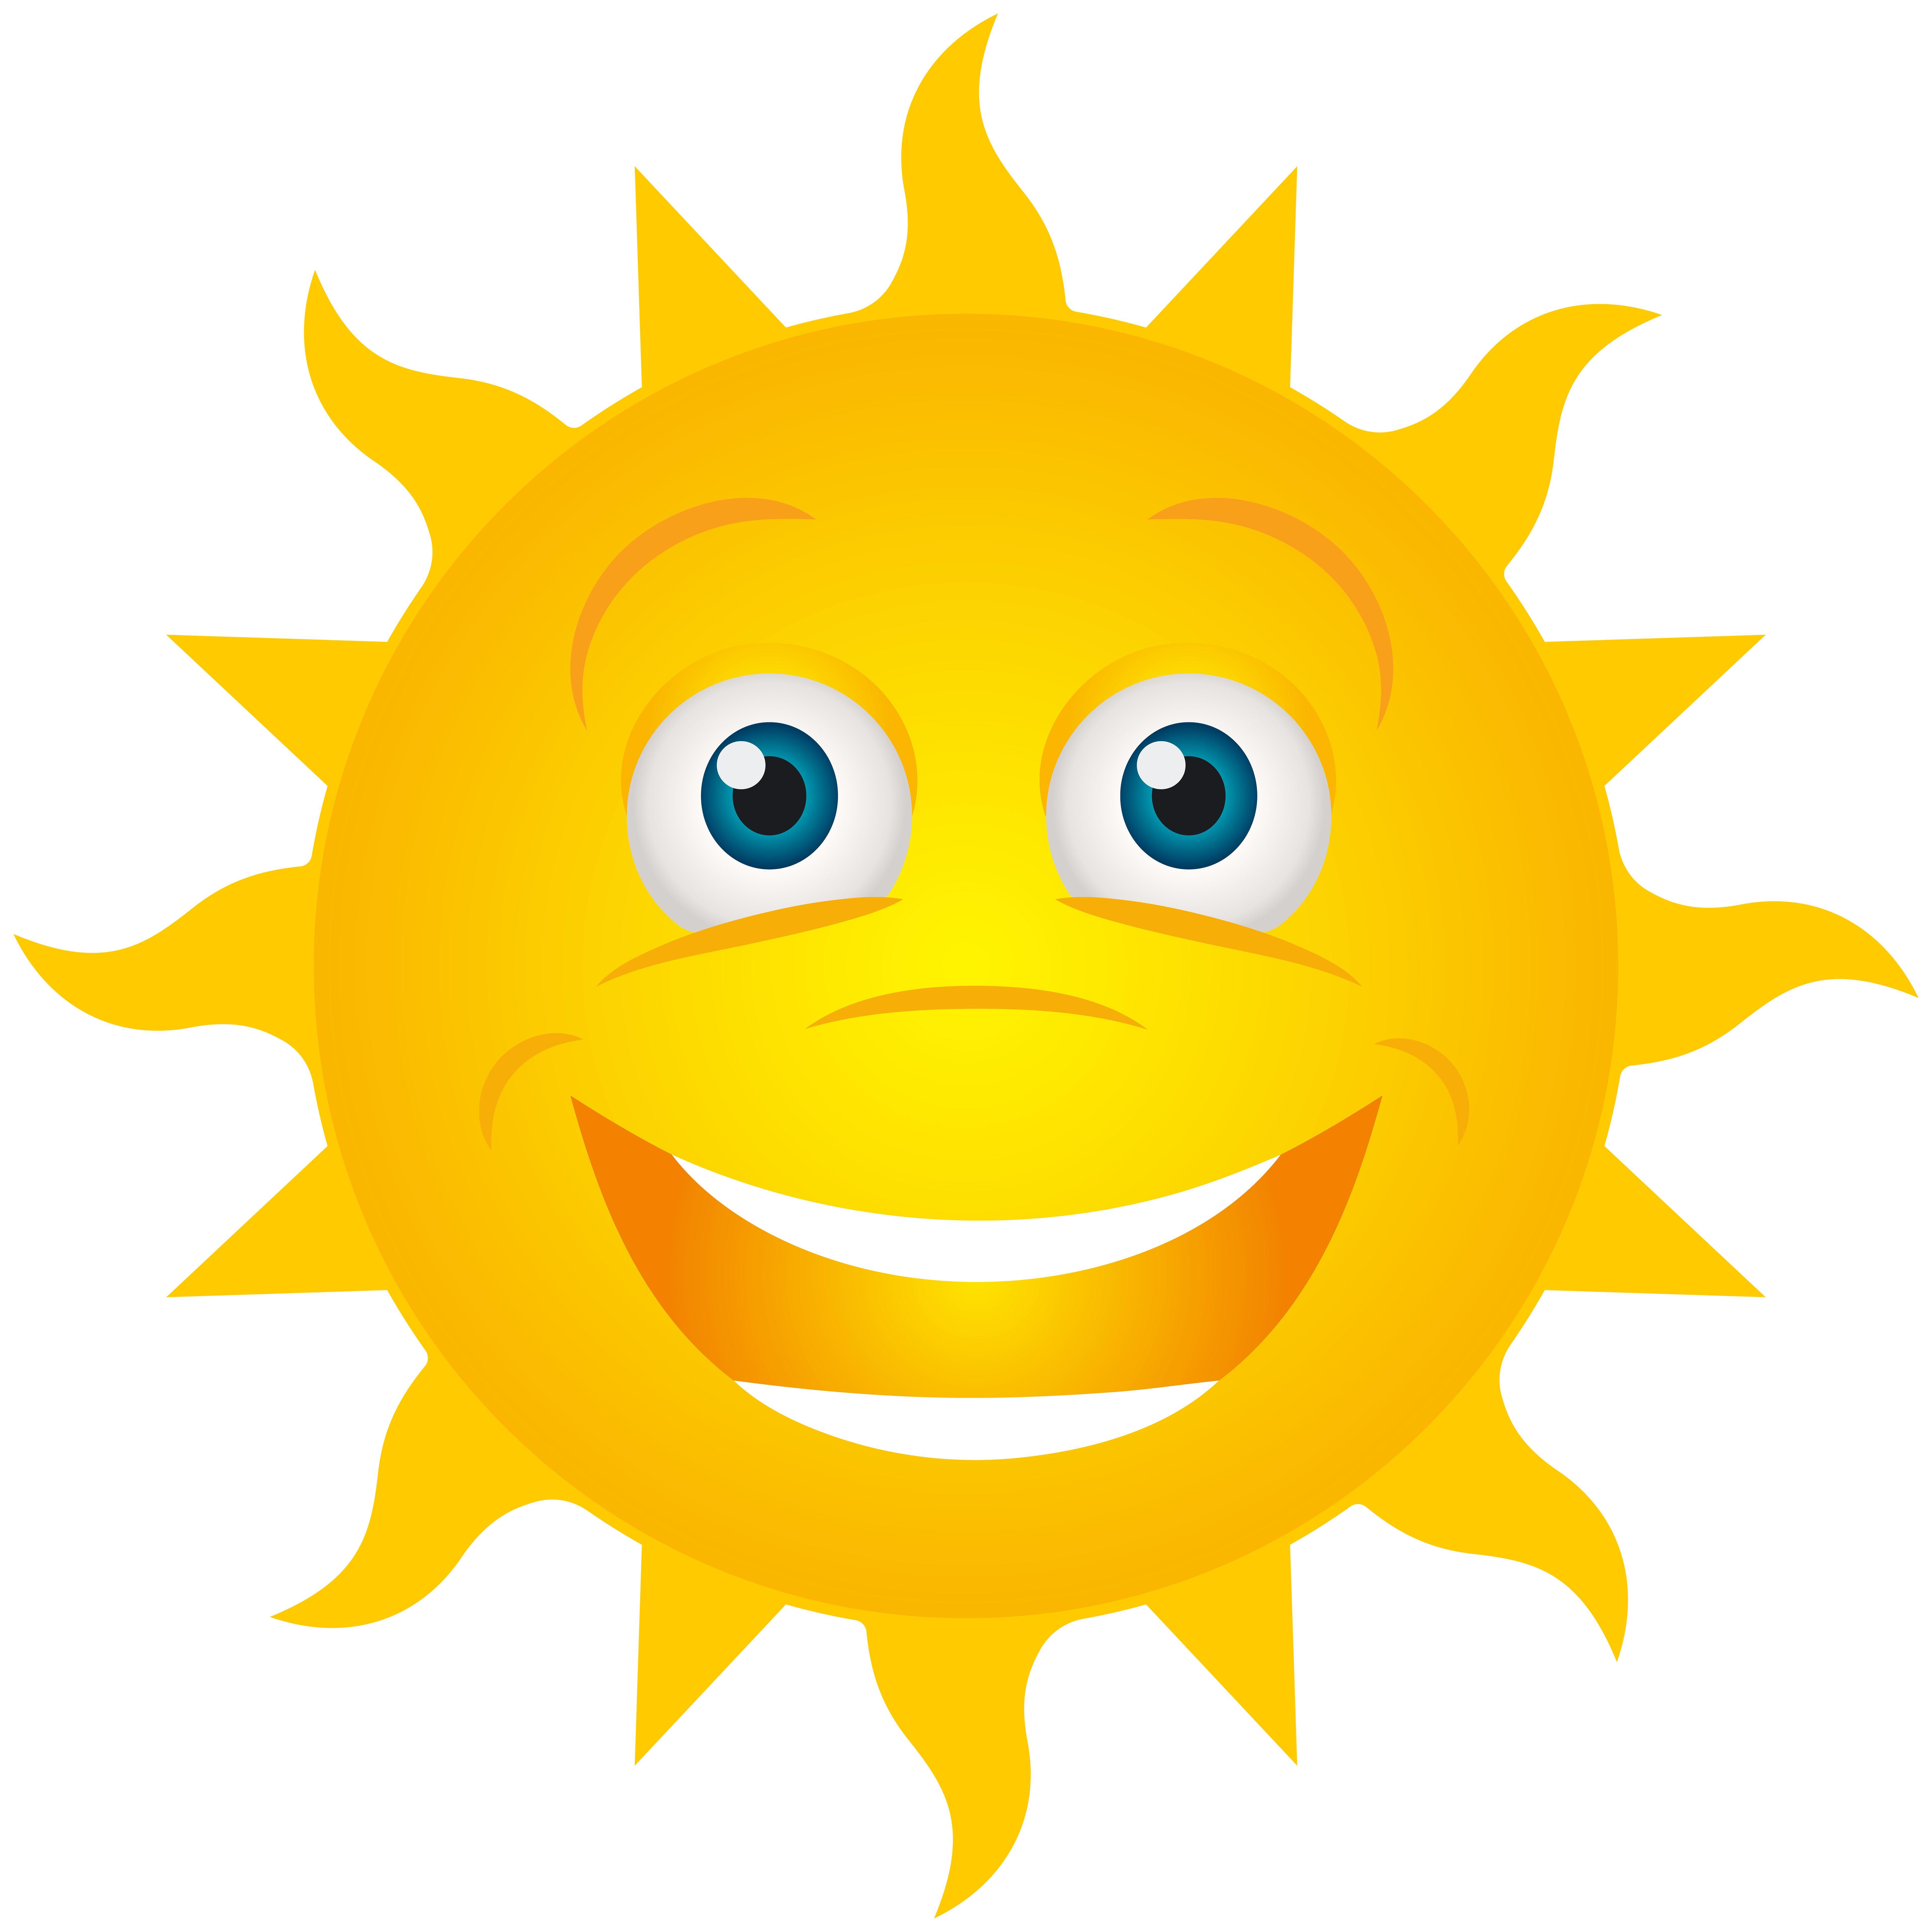 Смешные картинки солнца, днем